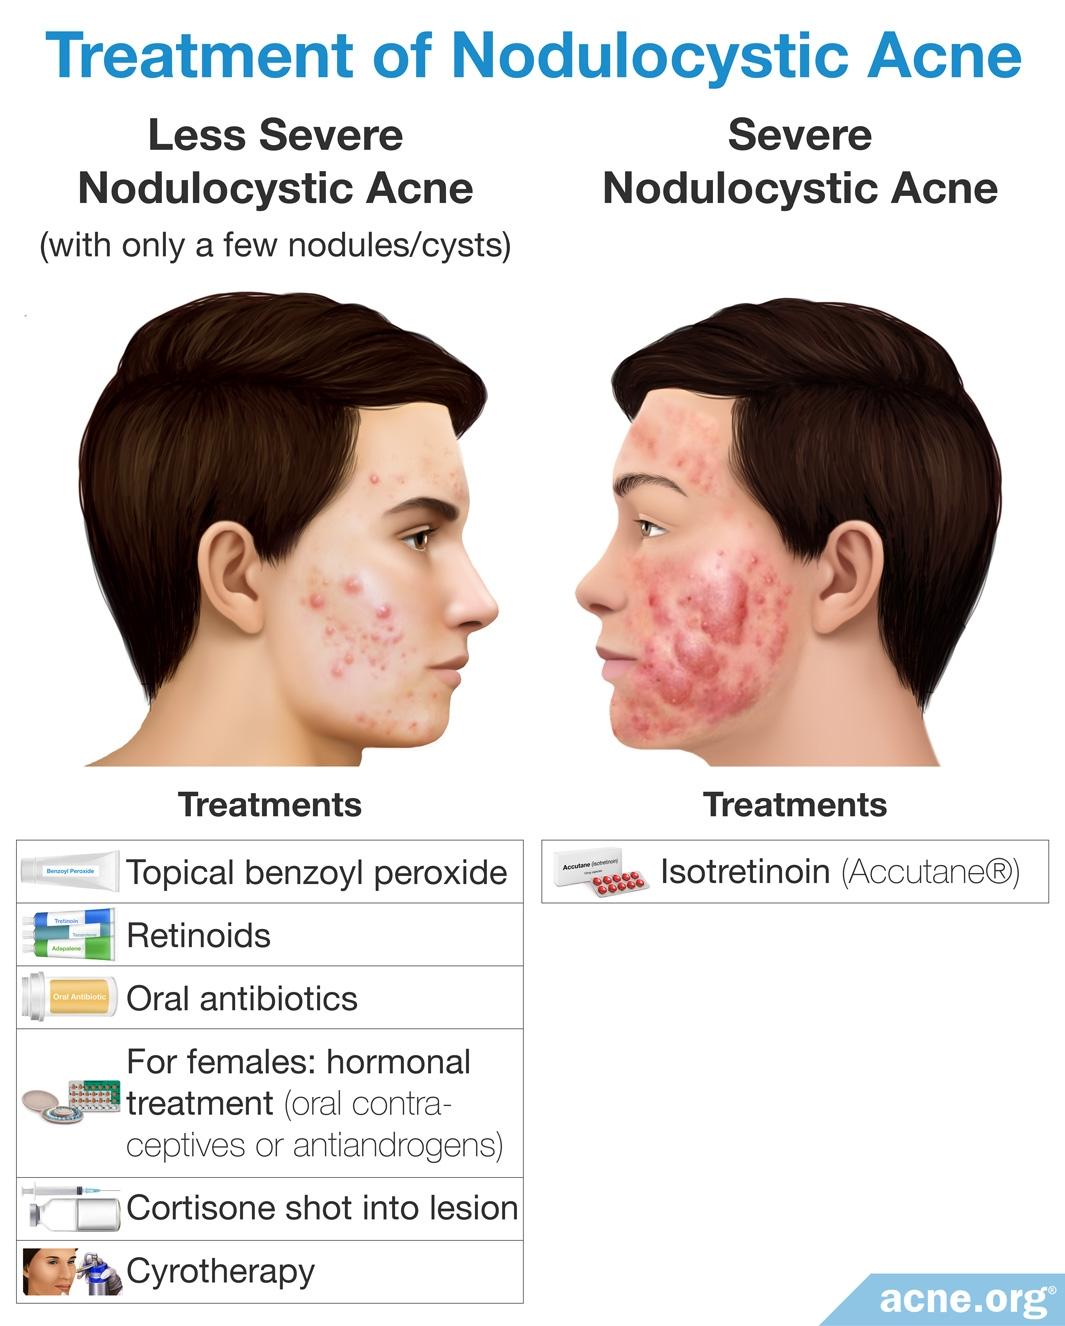 Treatment of Nodulocystic Acne